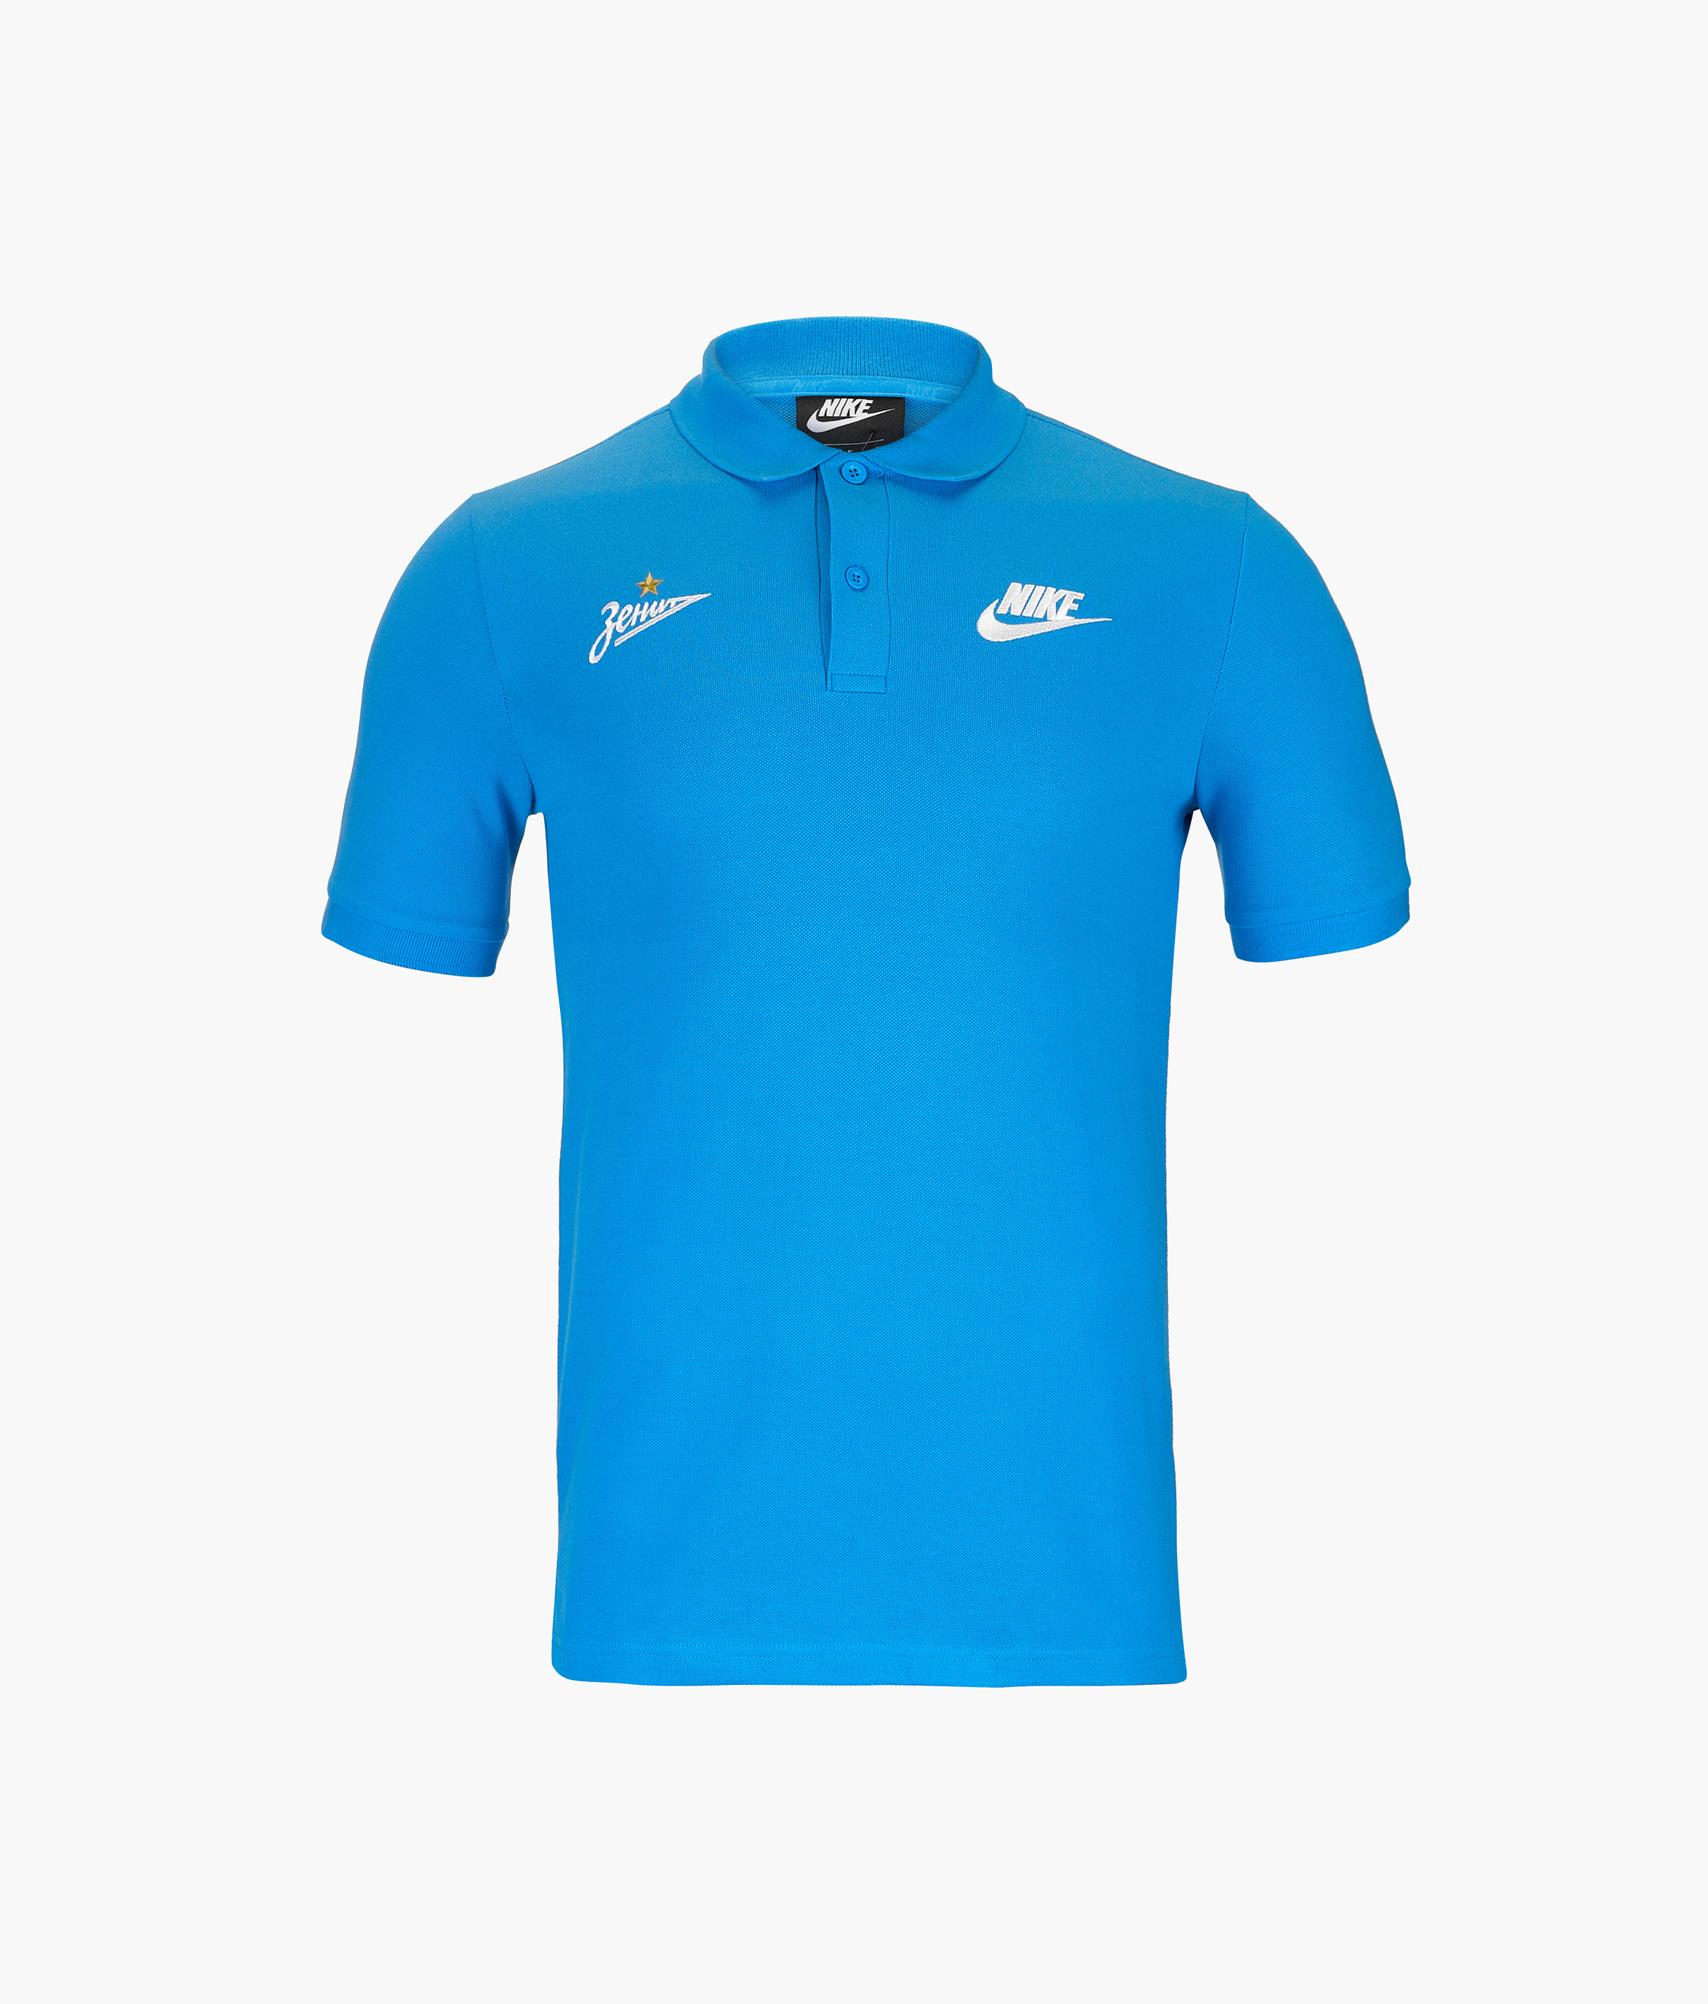 Поло Nike Nike Цвет-Синий цена 2017